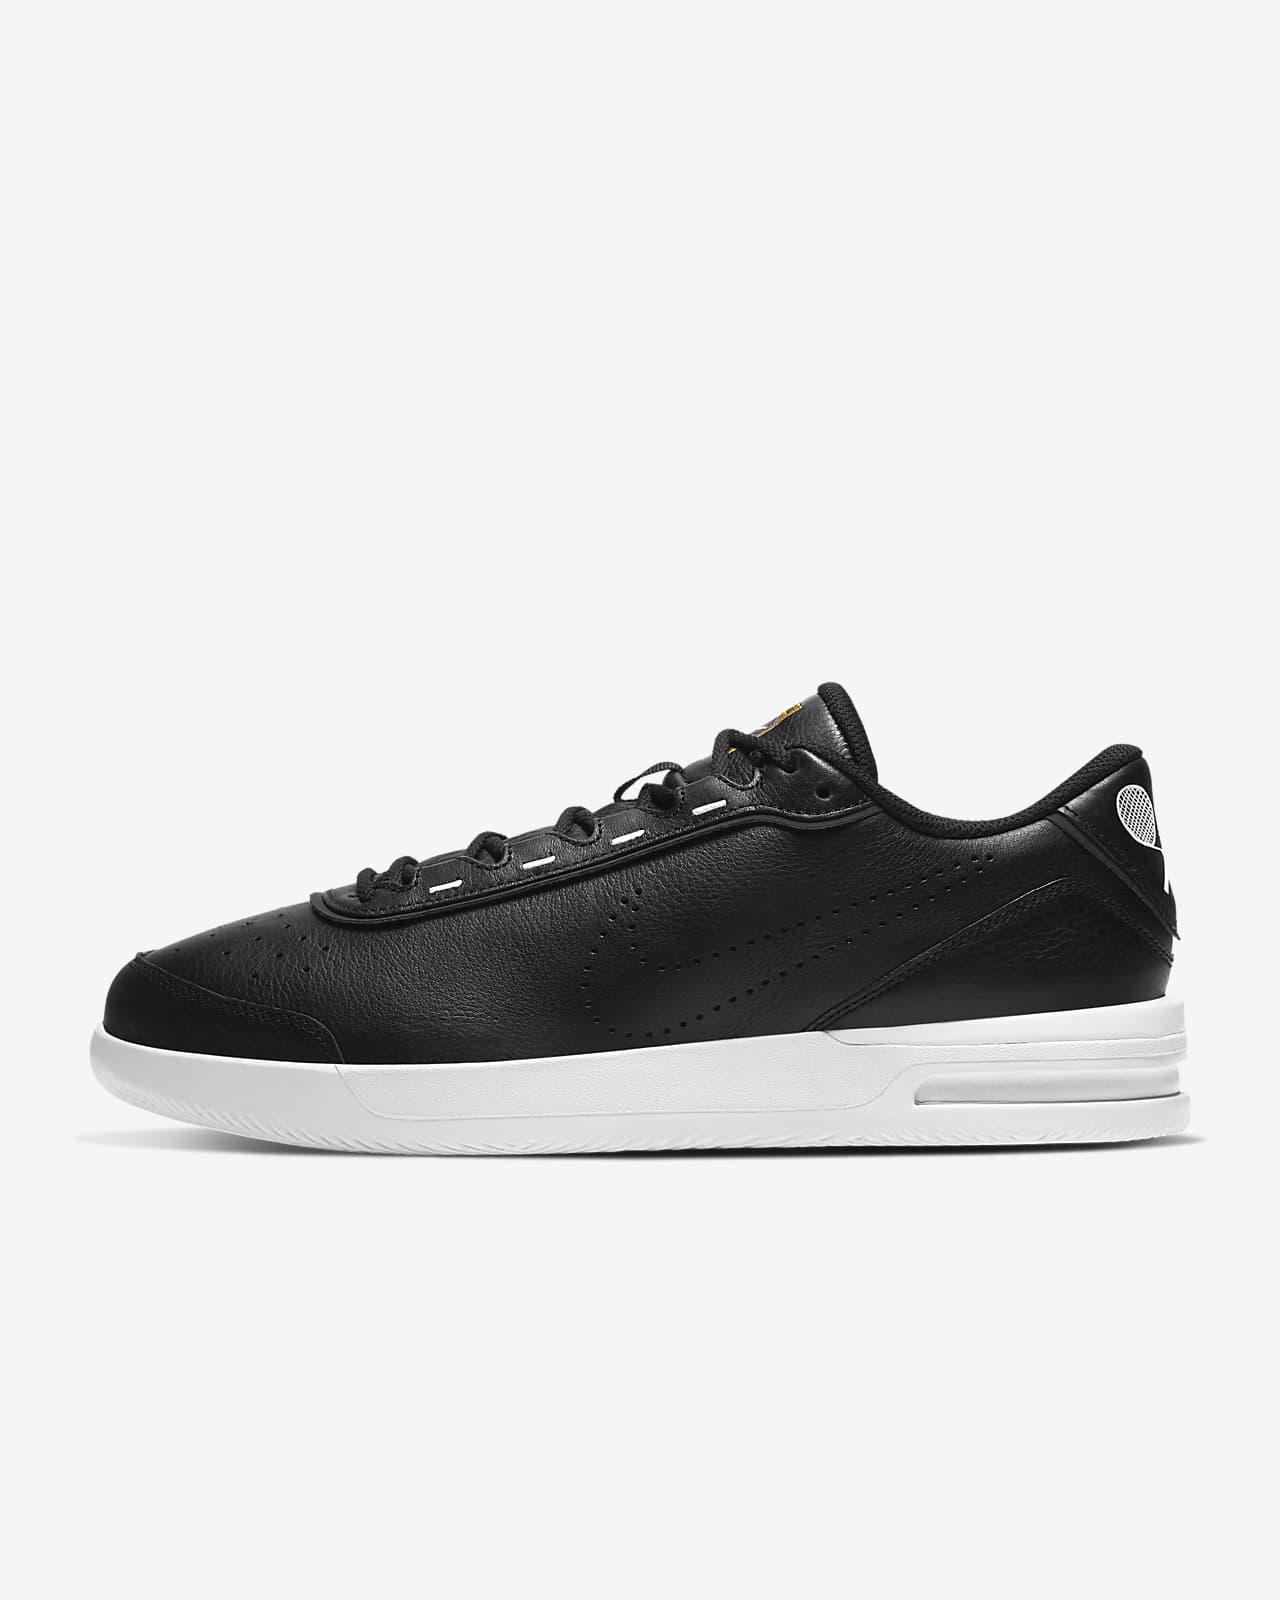 Calzado de tenis para hombre NikeCourt Air Max Vapor Wing Premium